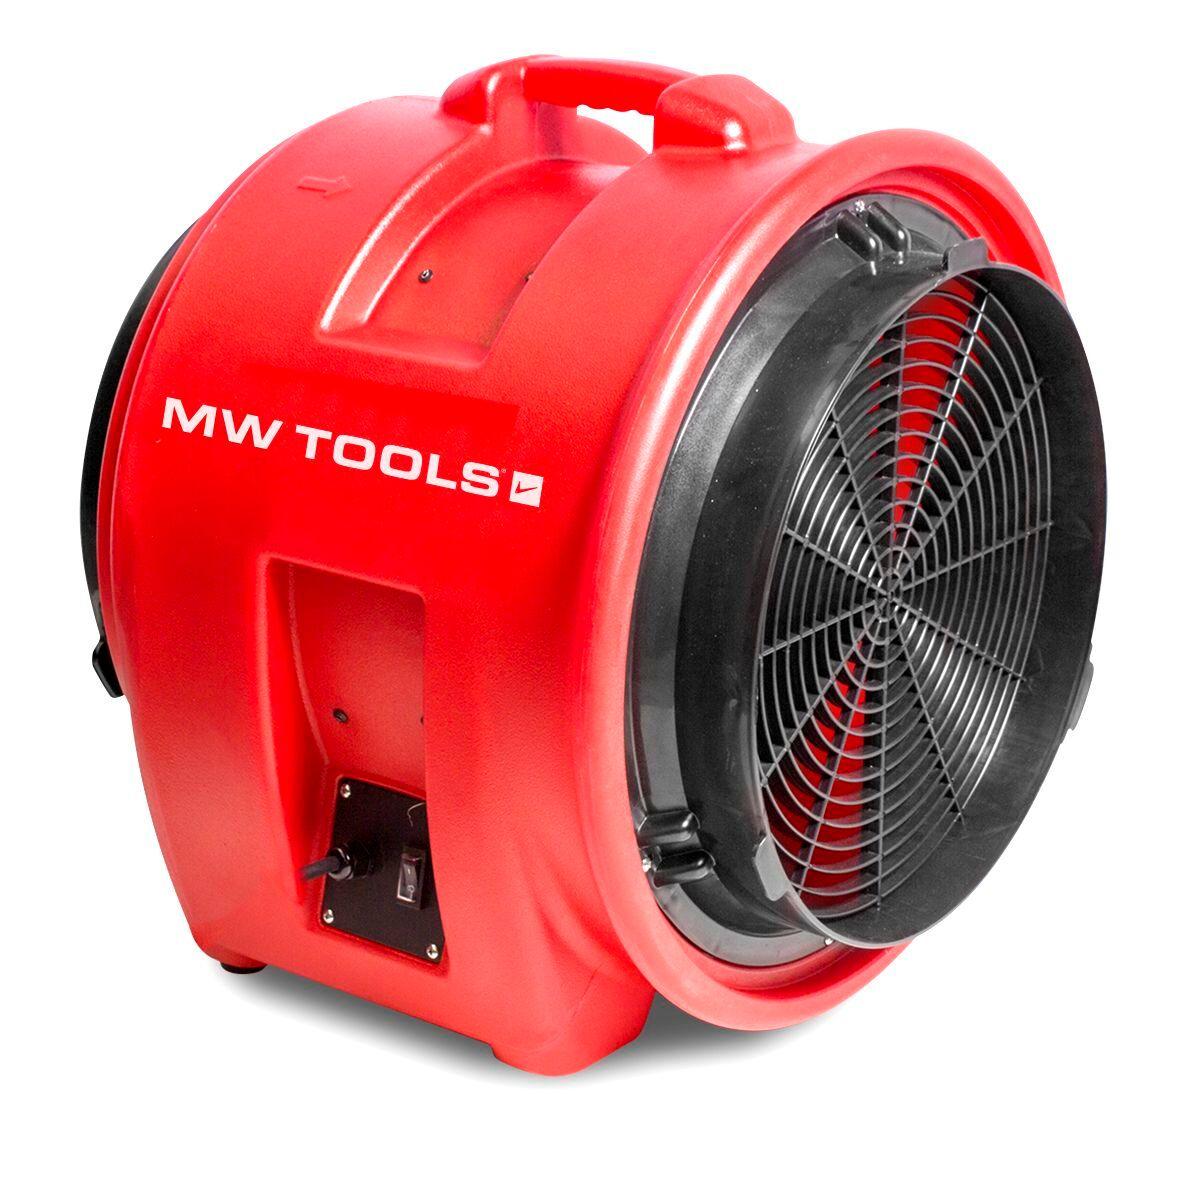 Mw-tools Ventilateur extracteur mobile 400 mm - 700 W MW-Tools MV400PP